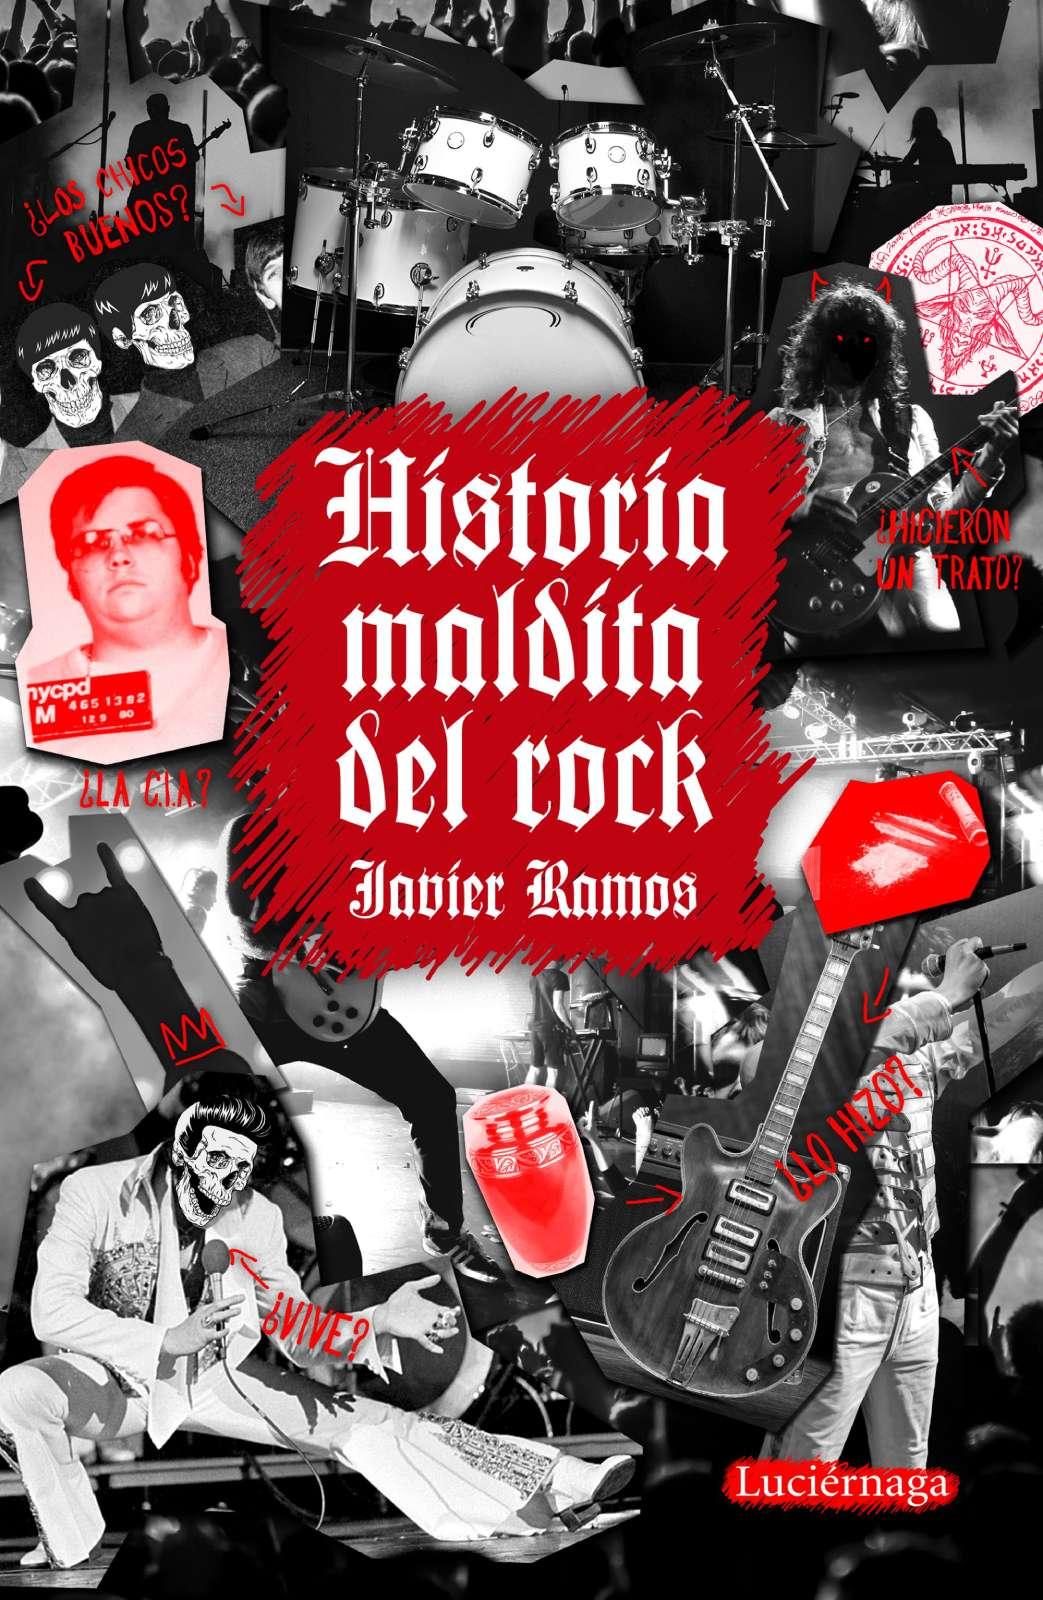 """La Historia maldita del rock o cómo acercarse a las transgresiones reales o inventadas de un género<span class=""""wtr-time-wrap after-title""""><span class=""""wtr-time-number"""">7</span> minutos de lectura</span>"""